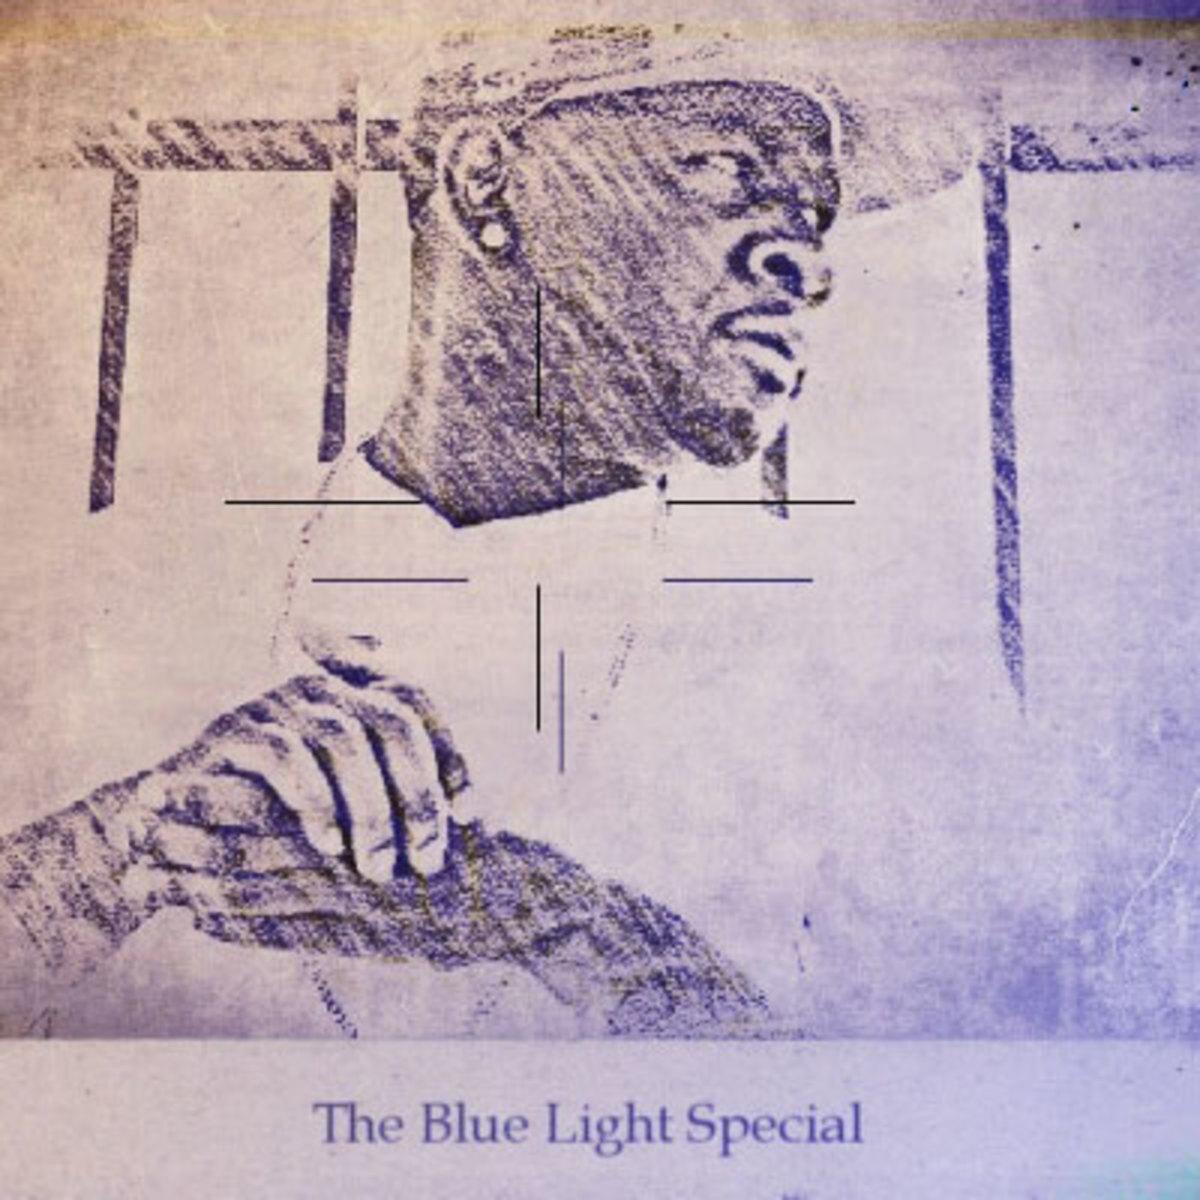 kboy-bluelightspecial.jpg